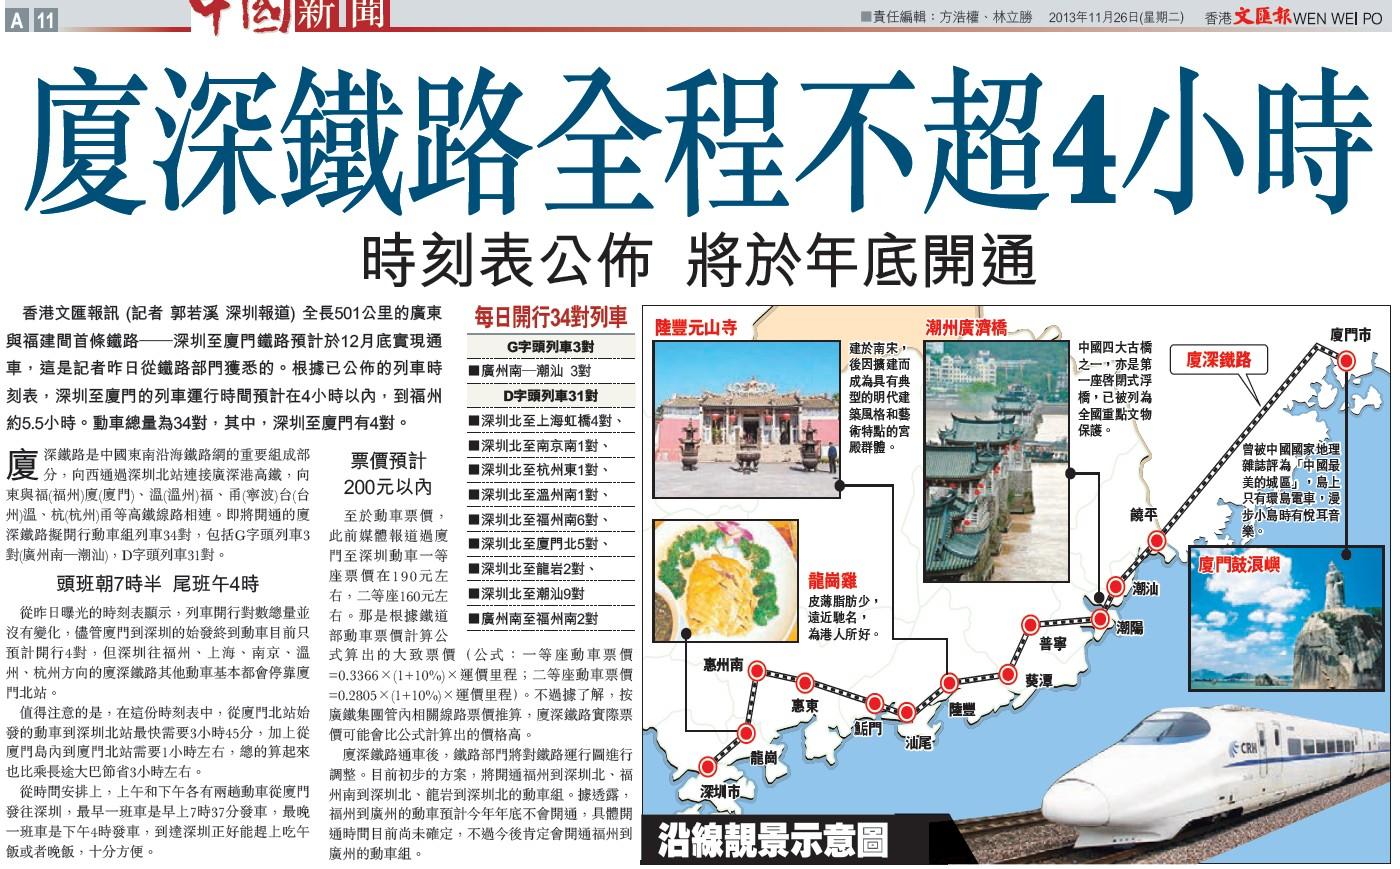 但深圳往福州,上海,南京,温州,杭州方向的厦深铁路其他动车基本都会